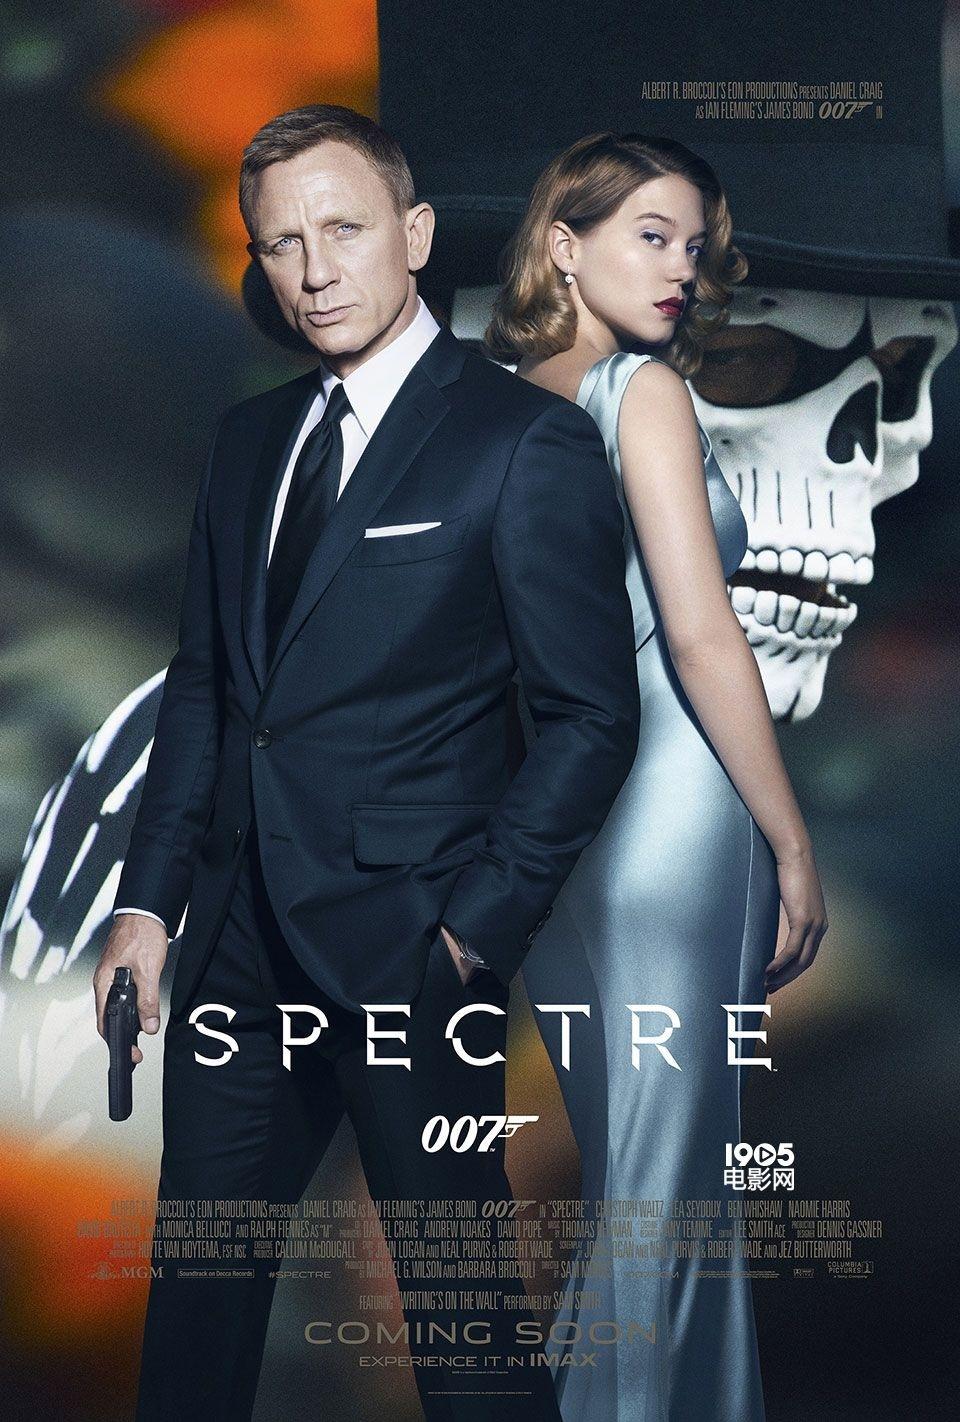 《007:幽灵党》内地定档 《饥饿游戏》同步上映